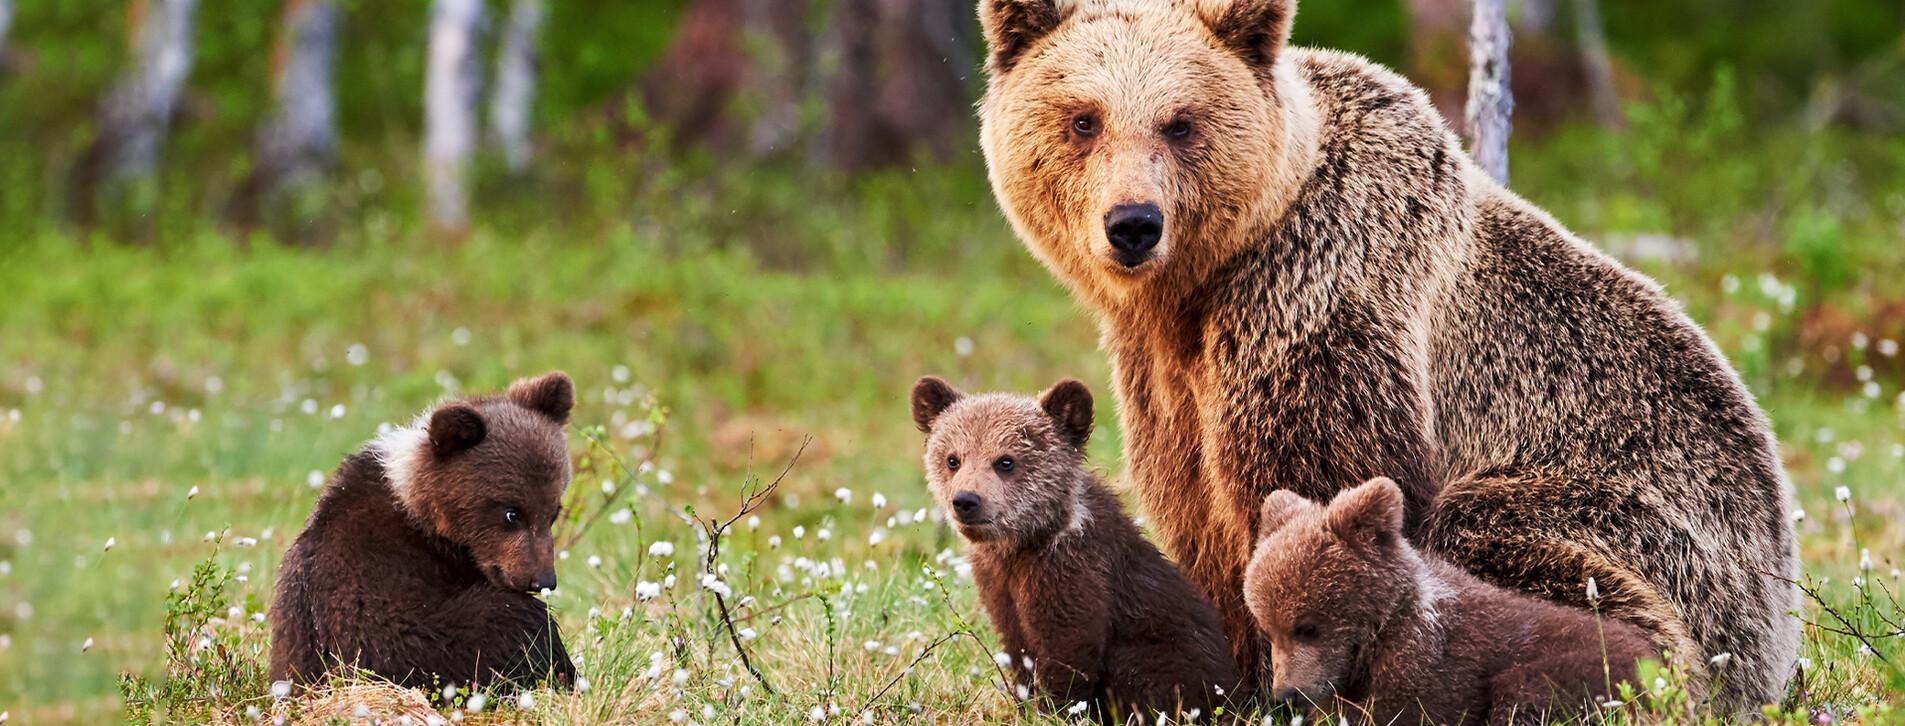 Фото 1 - Индивидуальная семейная экскурсия в медвежий приют